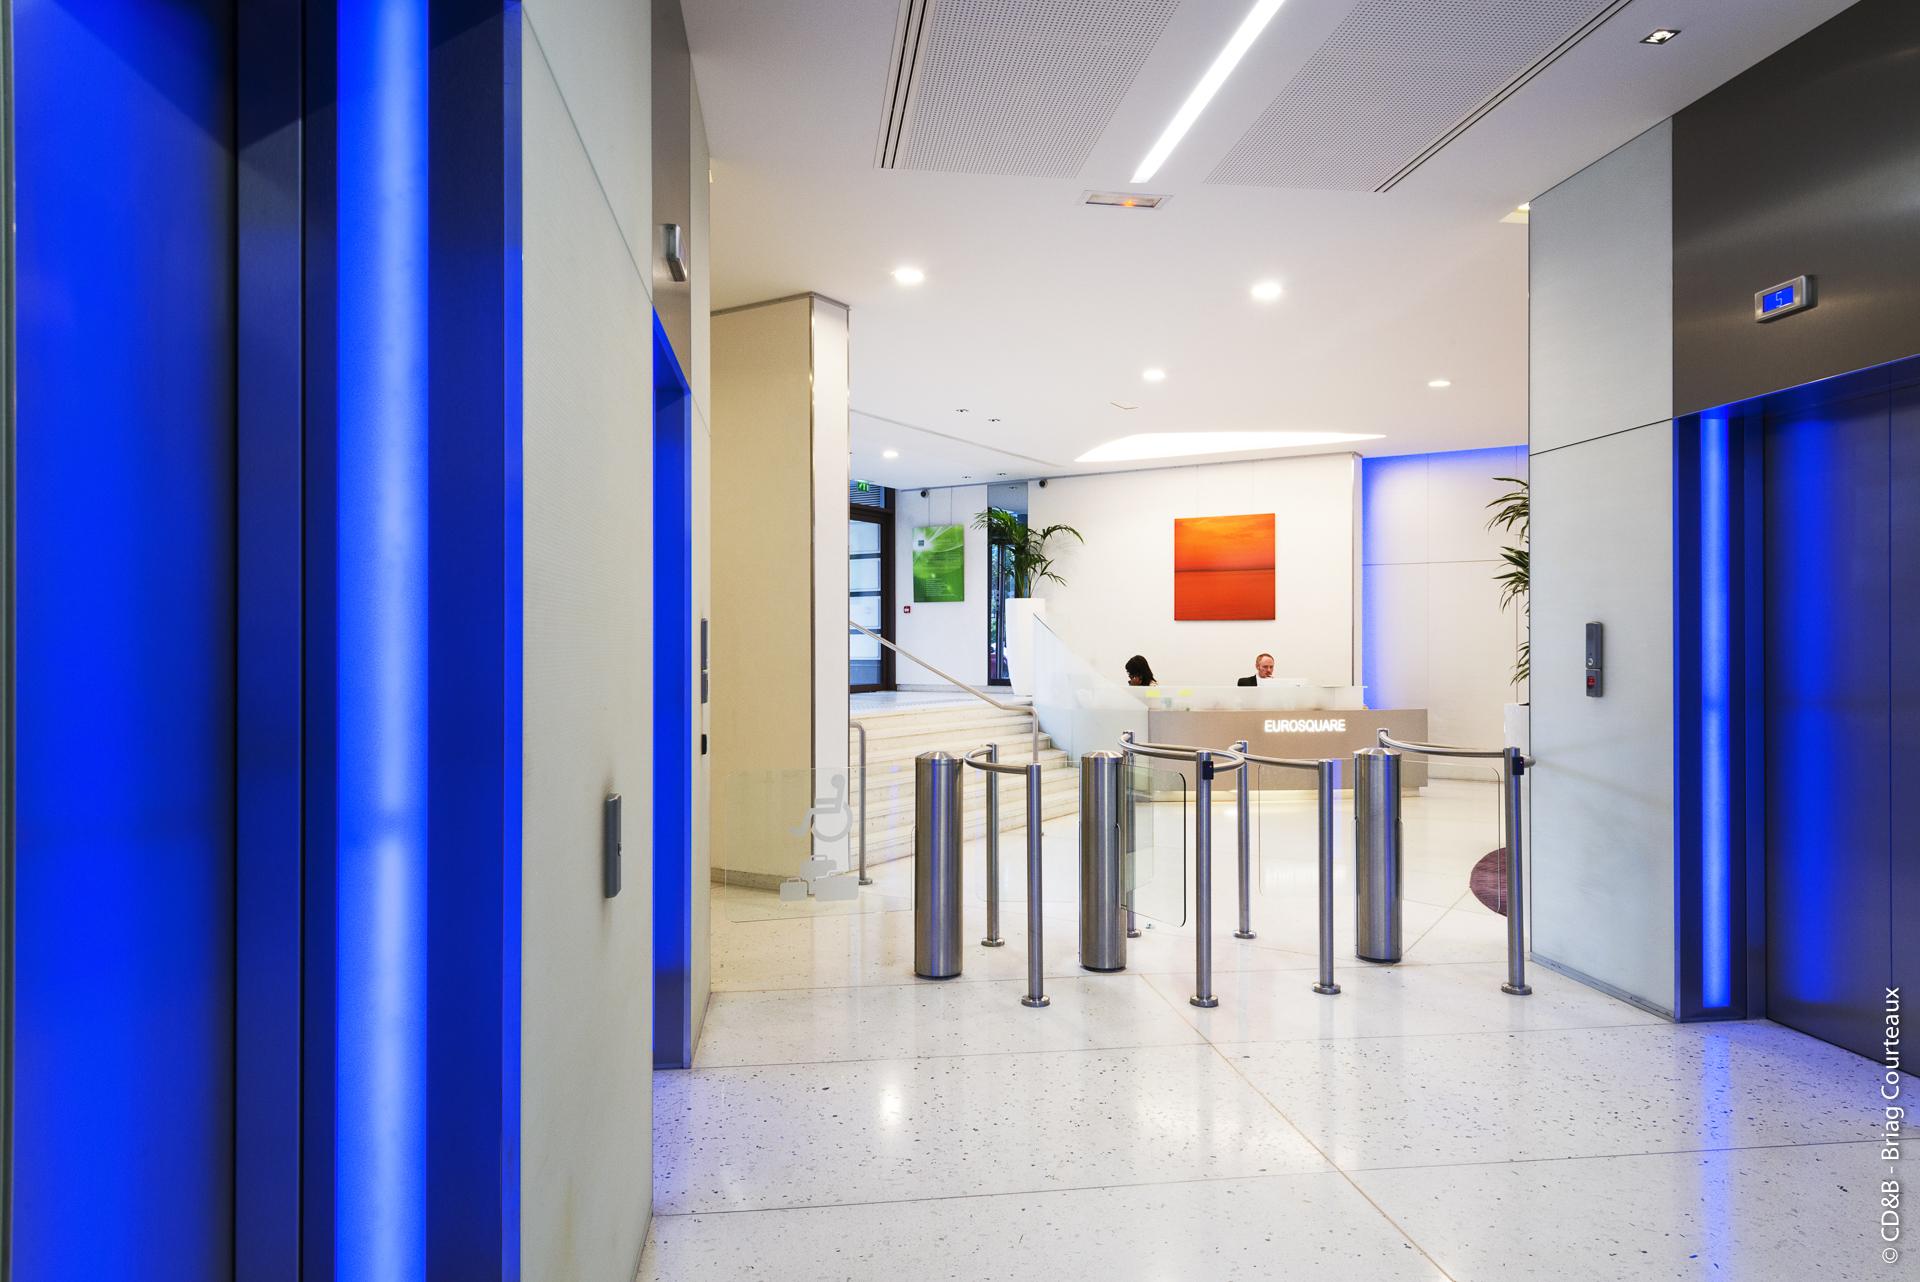 Conseil, aménagement, conception et réalisation des espaces de travail chez Quintiles par CDB, Meet you there.